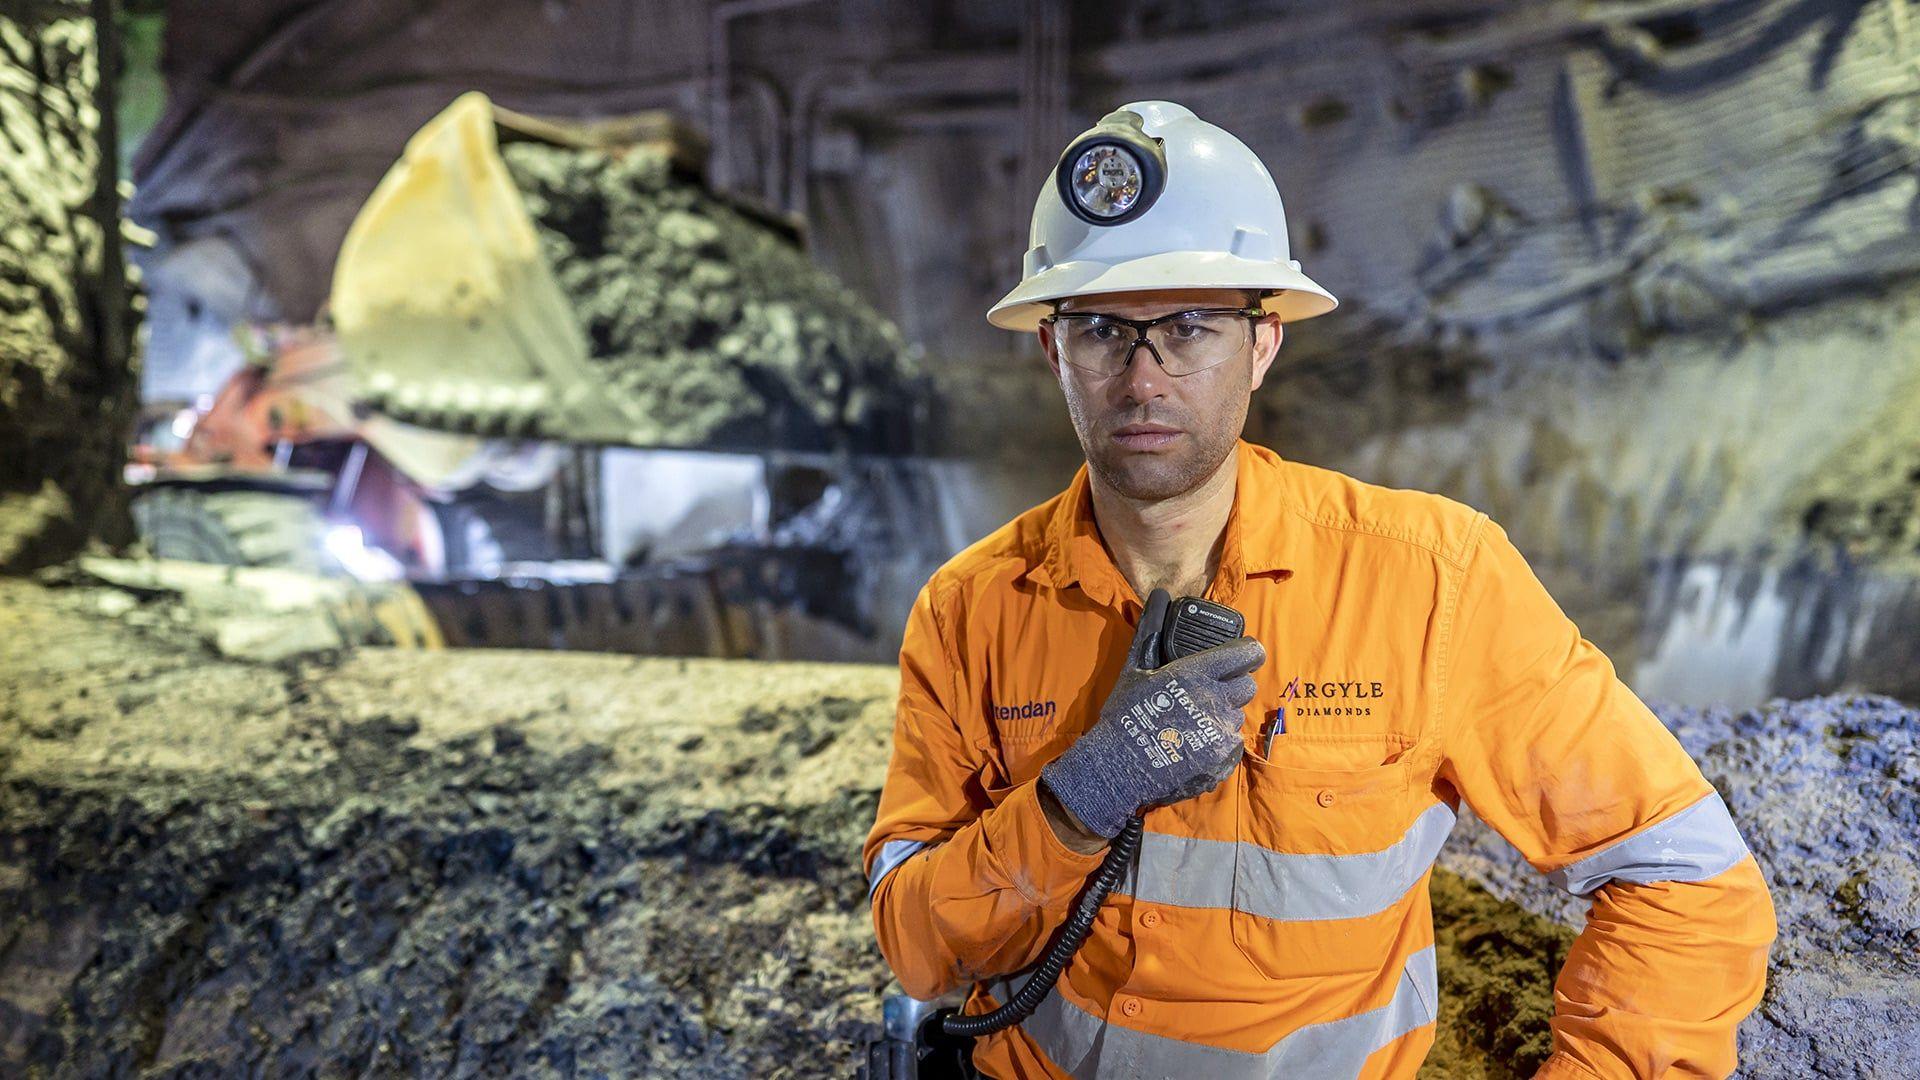 Брендън Мърфи, управител на подземни рудници в Argyle, контролира последния тон руда след 37 години експлоатация